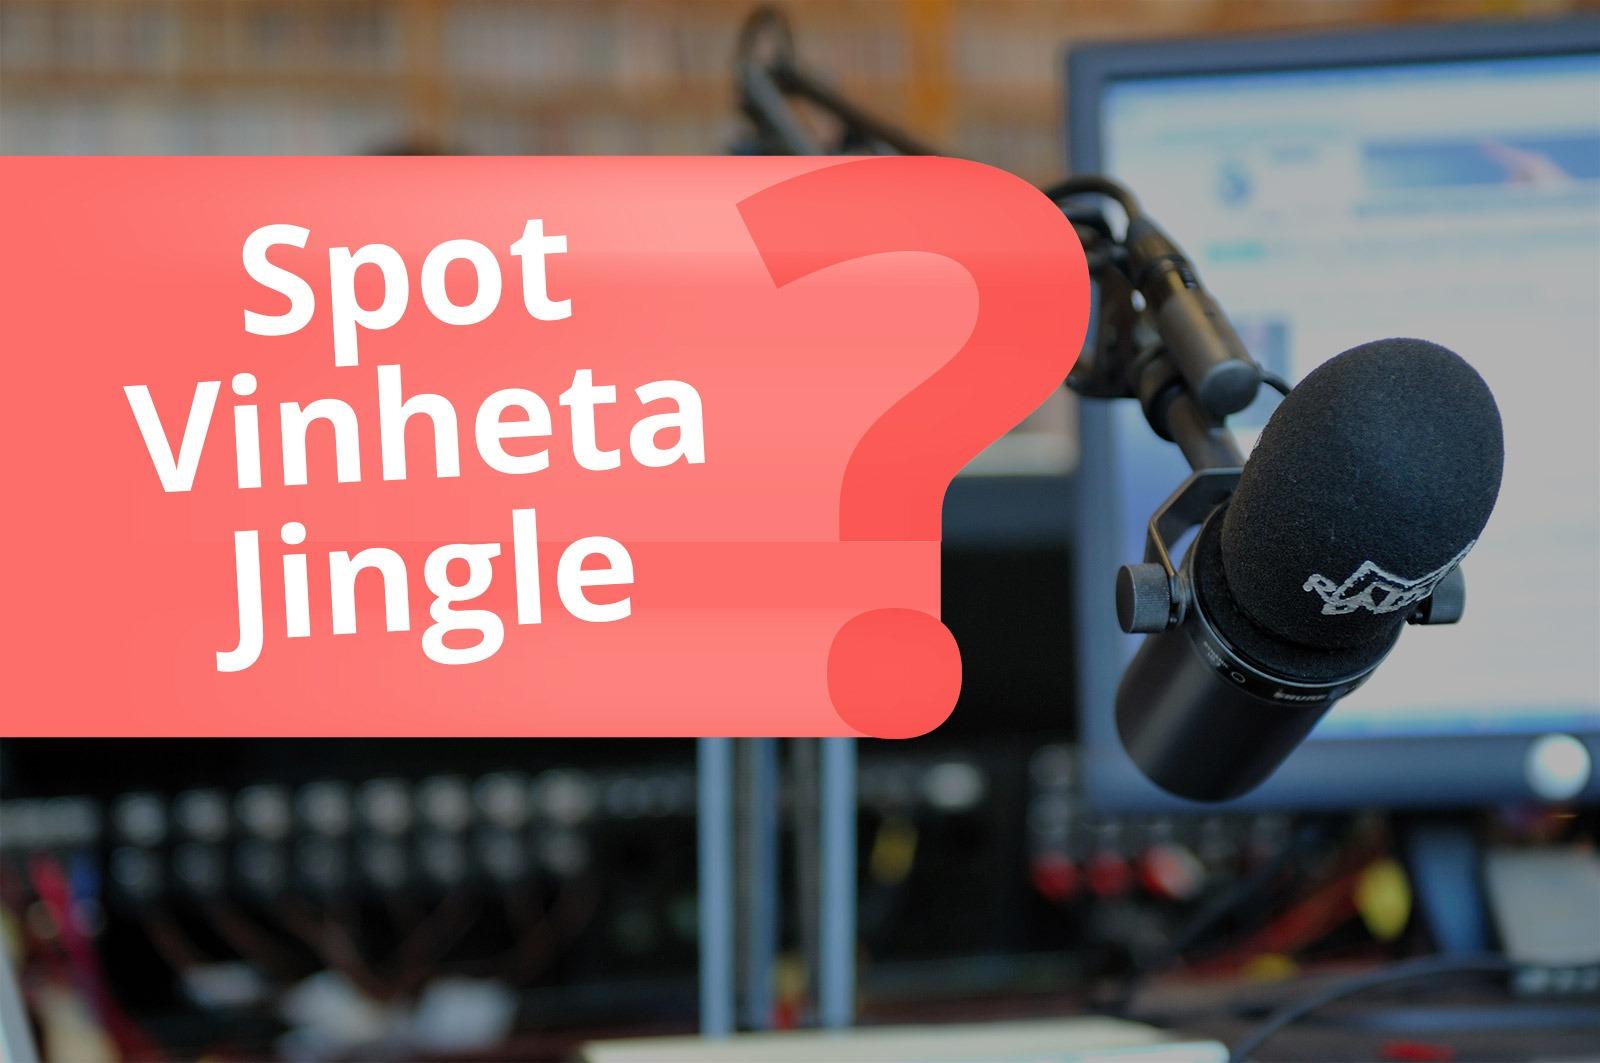 Entenda a diferença entre Spot, Vinheta e Jingle